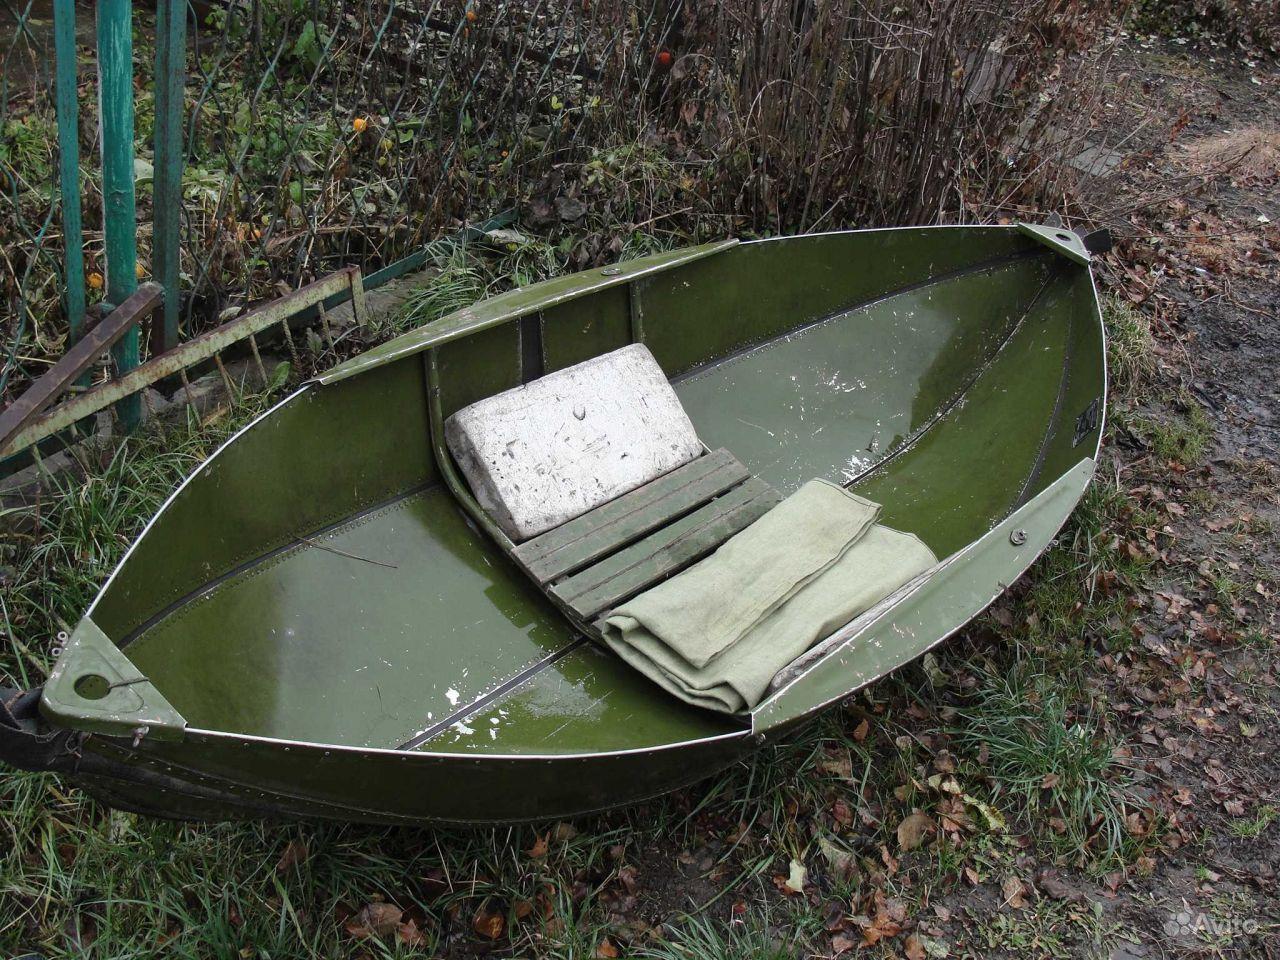 складная лодка новосибирск купить